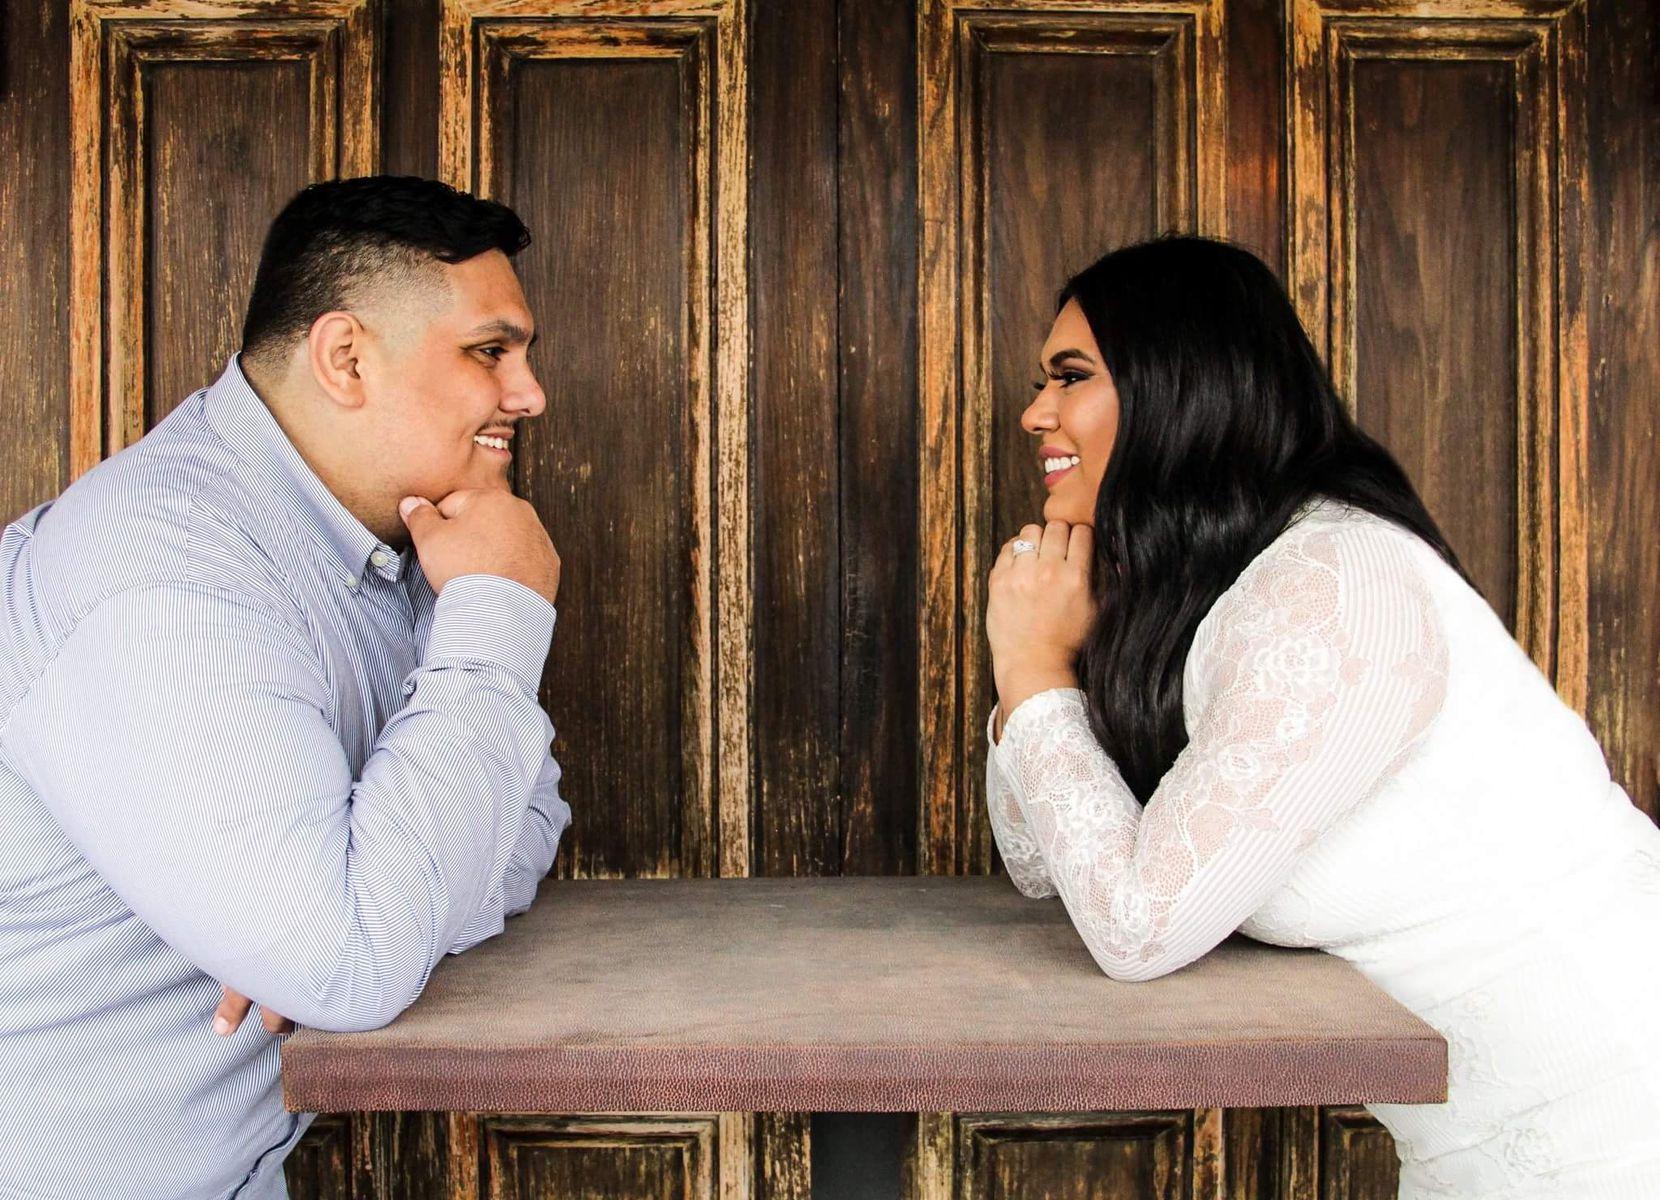 Tanto Juanita como Félix aseguran que supieron que eran el uno para el otro cuando empezaron a salir, pero la salud de él puso la relación a prueba. (Foto: Cortesía familia Aguirre Sánchez)